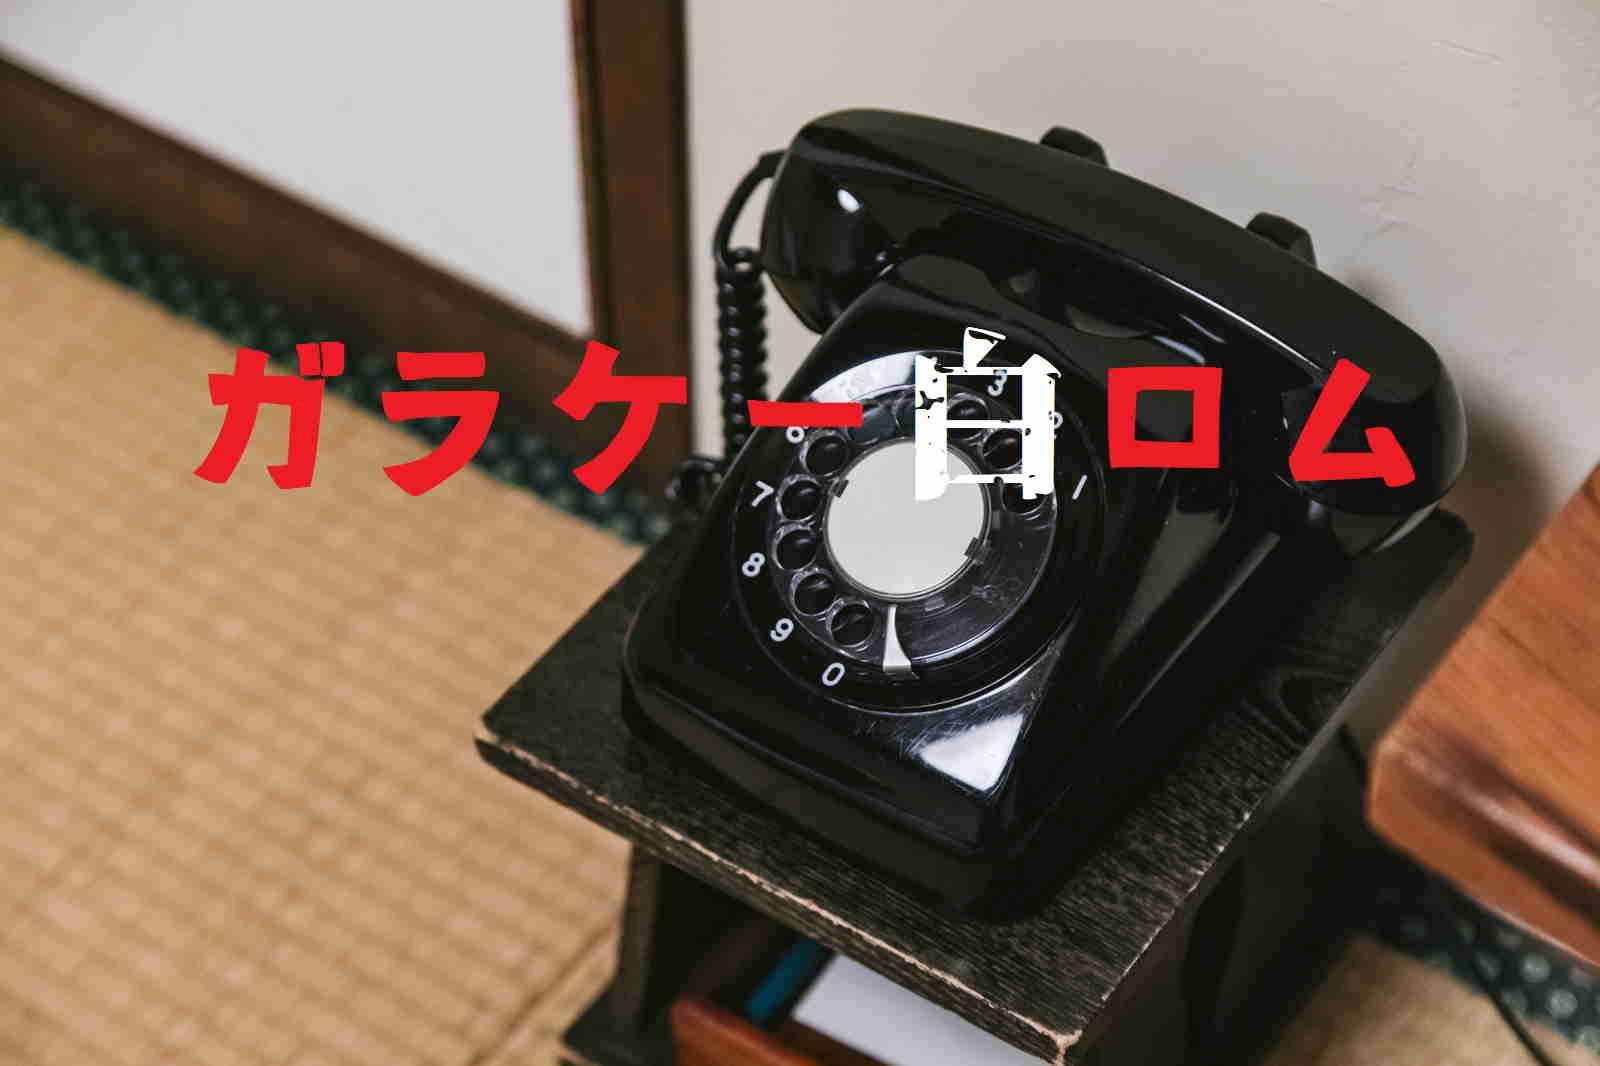 黒電話の写真に「ガラケー白ロム」